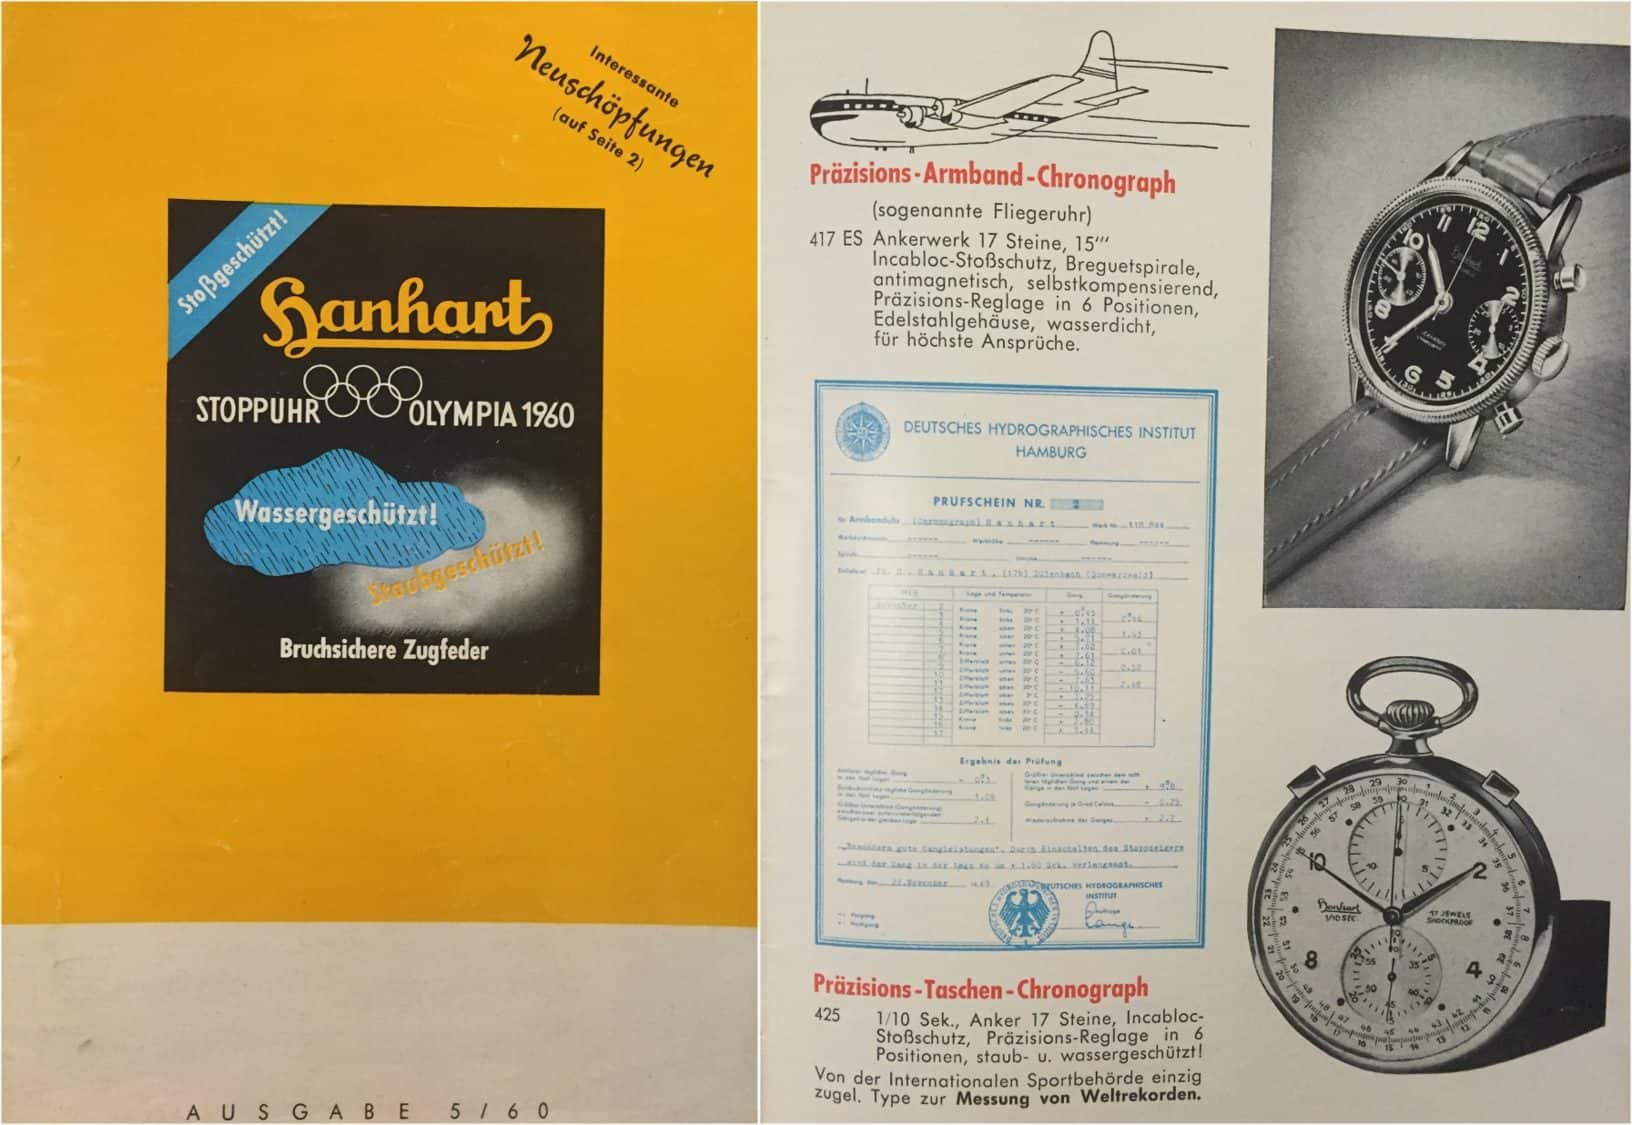 Hanhart Uhren-Katalog aus dem Jahr 1960